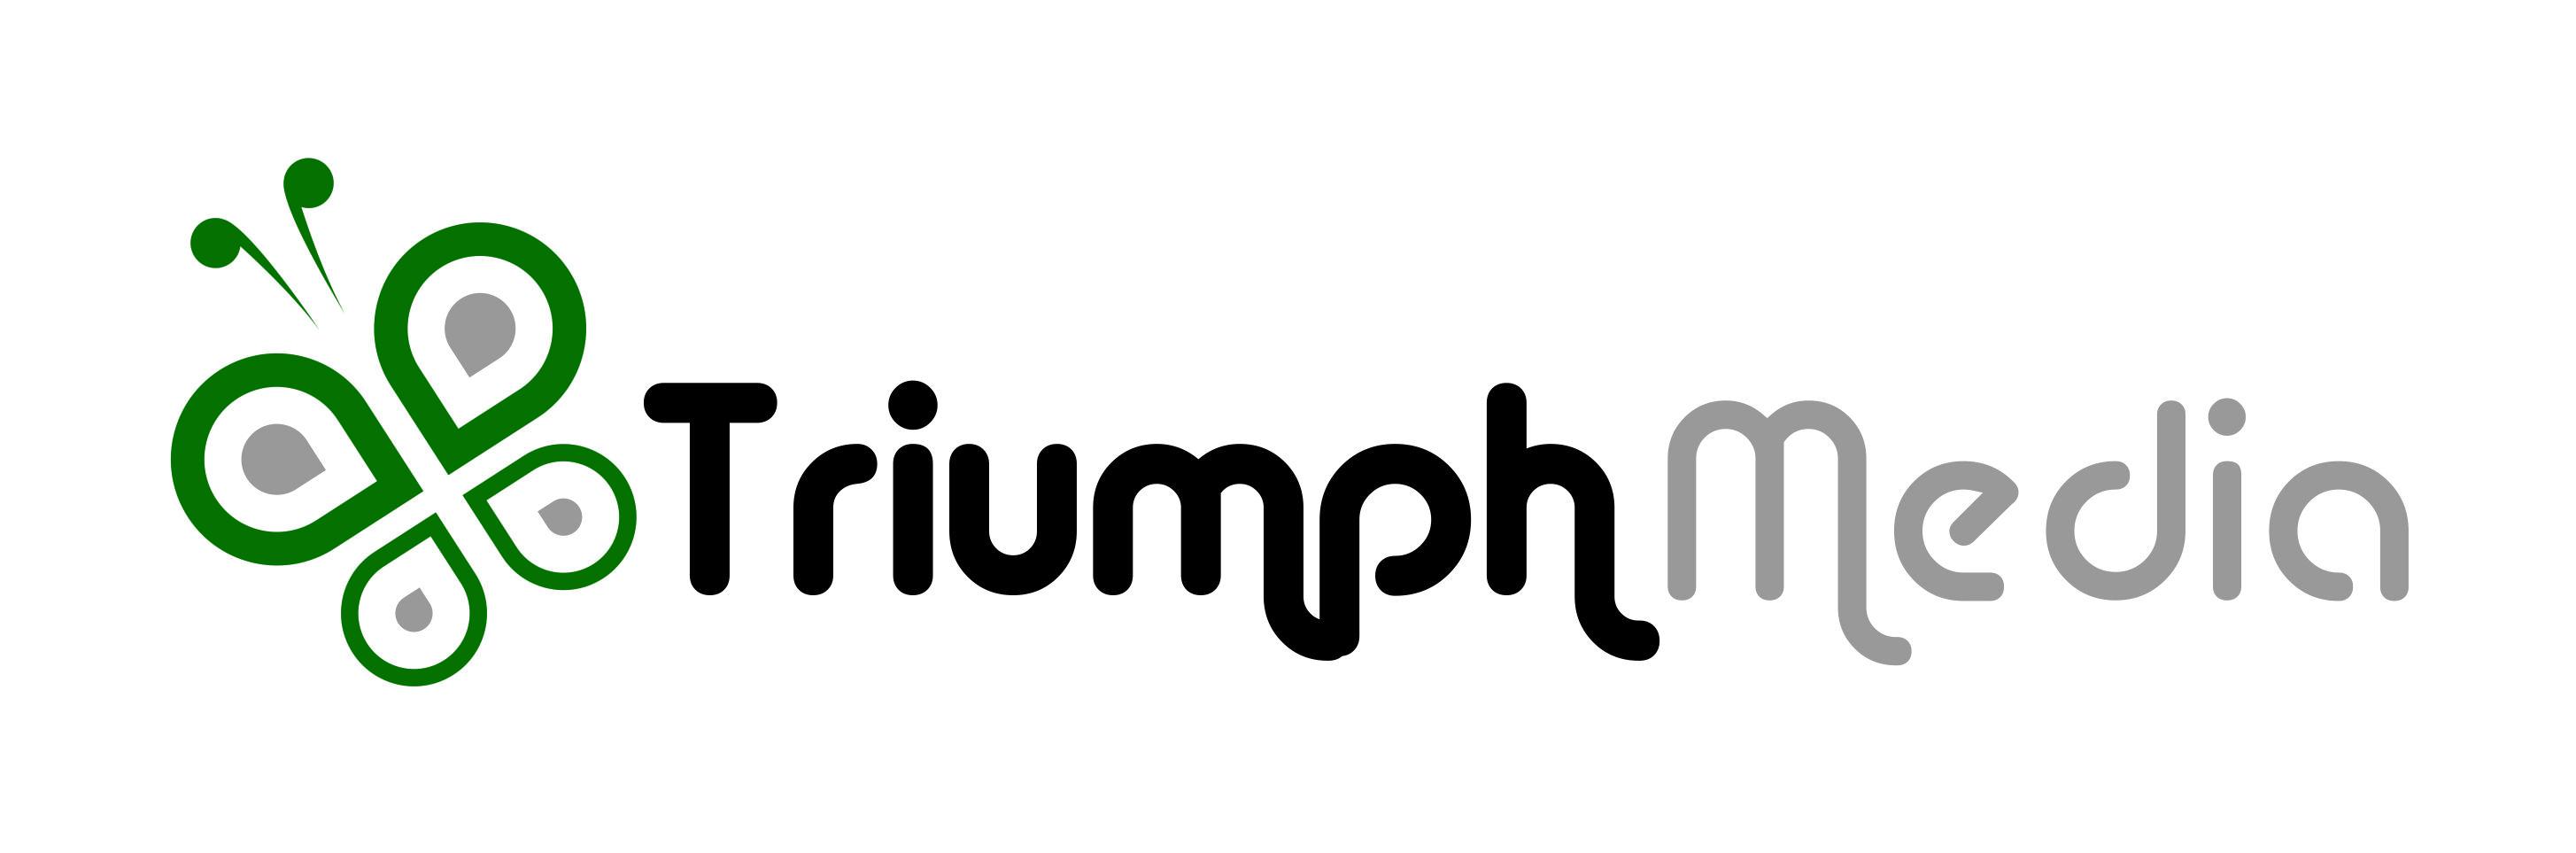 Разработка логотипа  TRIUMPH MEDIA с изображением клевера фото f_507432e8e1f64.jpg